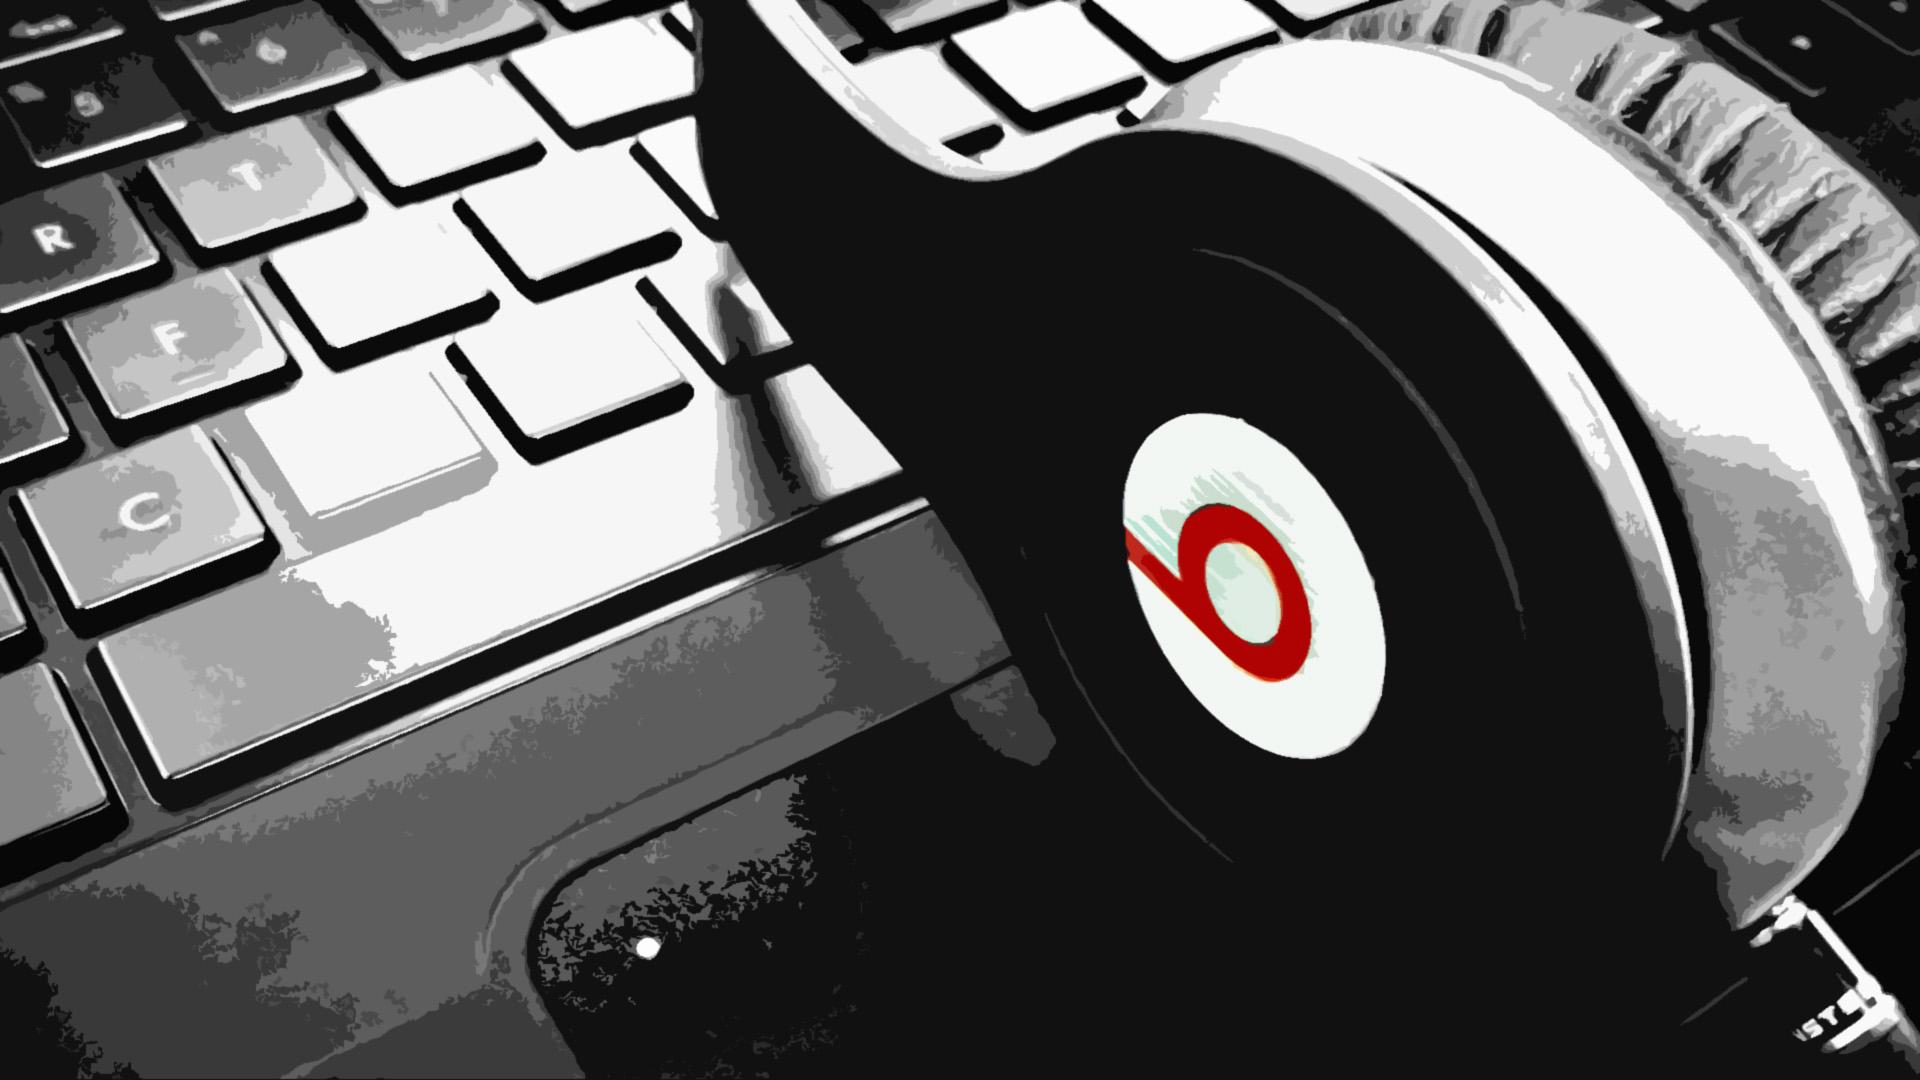 Beats Wallpaper: Remarkable Hp Envy Beats Audio Wallpaper 1920x1080px